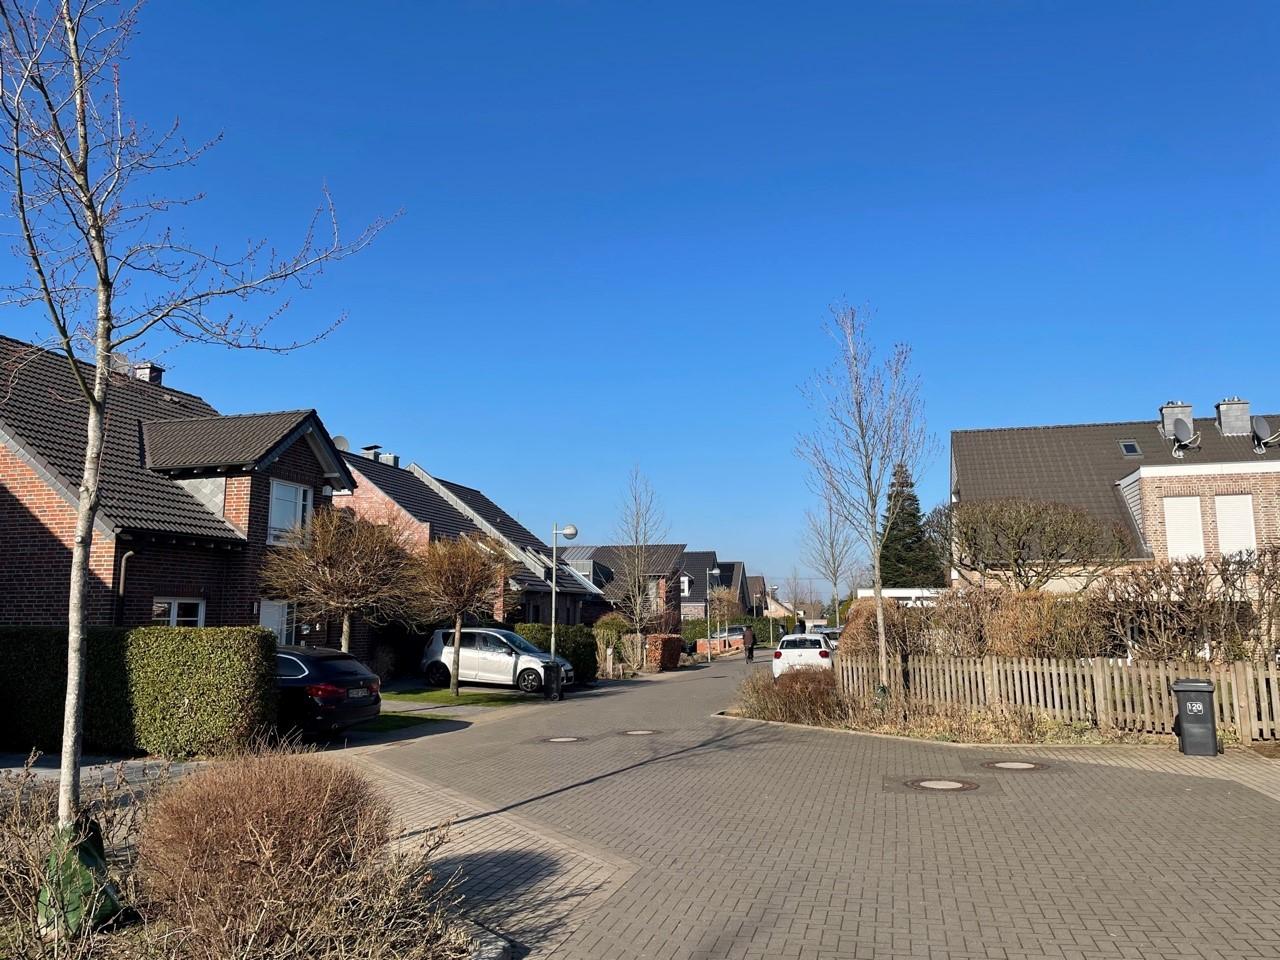 Immobilie Nr.0337 - Baugrundstück für eine DHH rechtsbündig - Bild 4.jpg